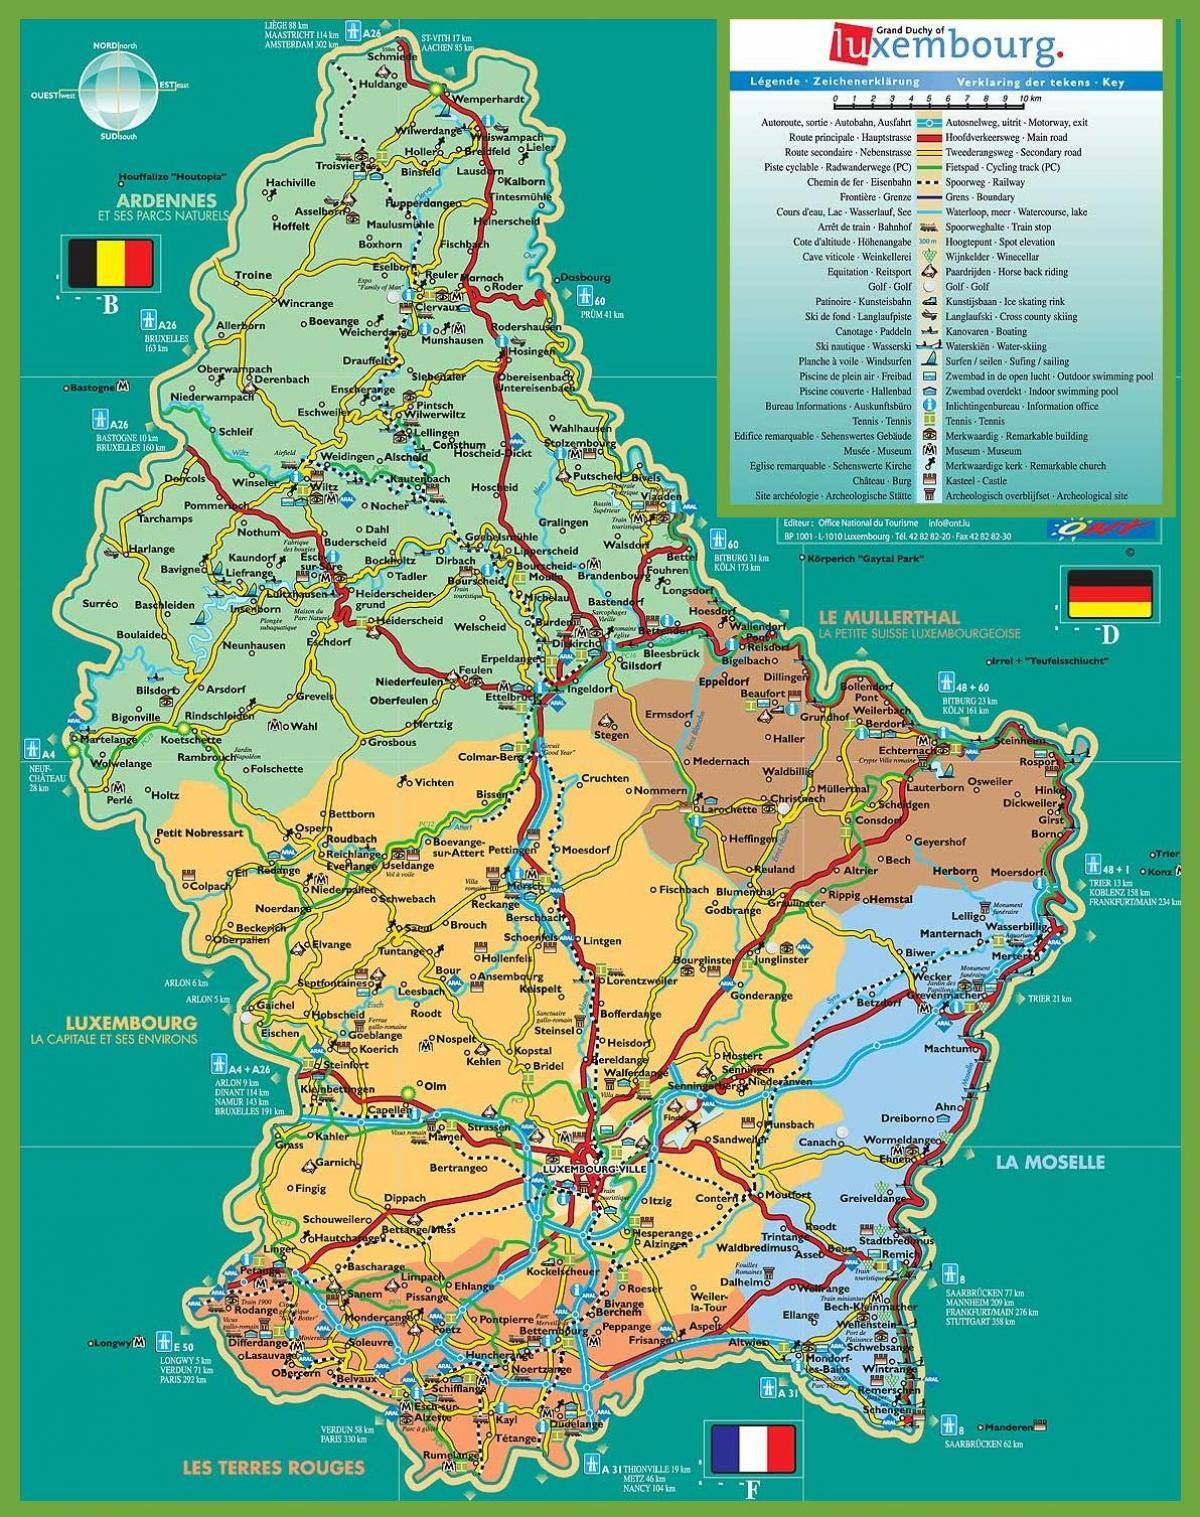 Mapa Turystyczna Luksemburg Miasto Luksemburg Mape Turystyczna